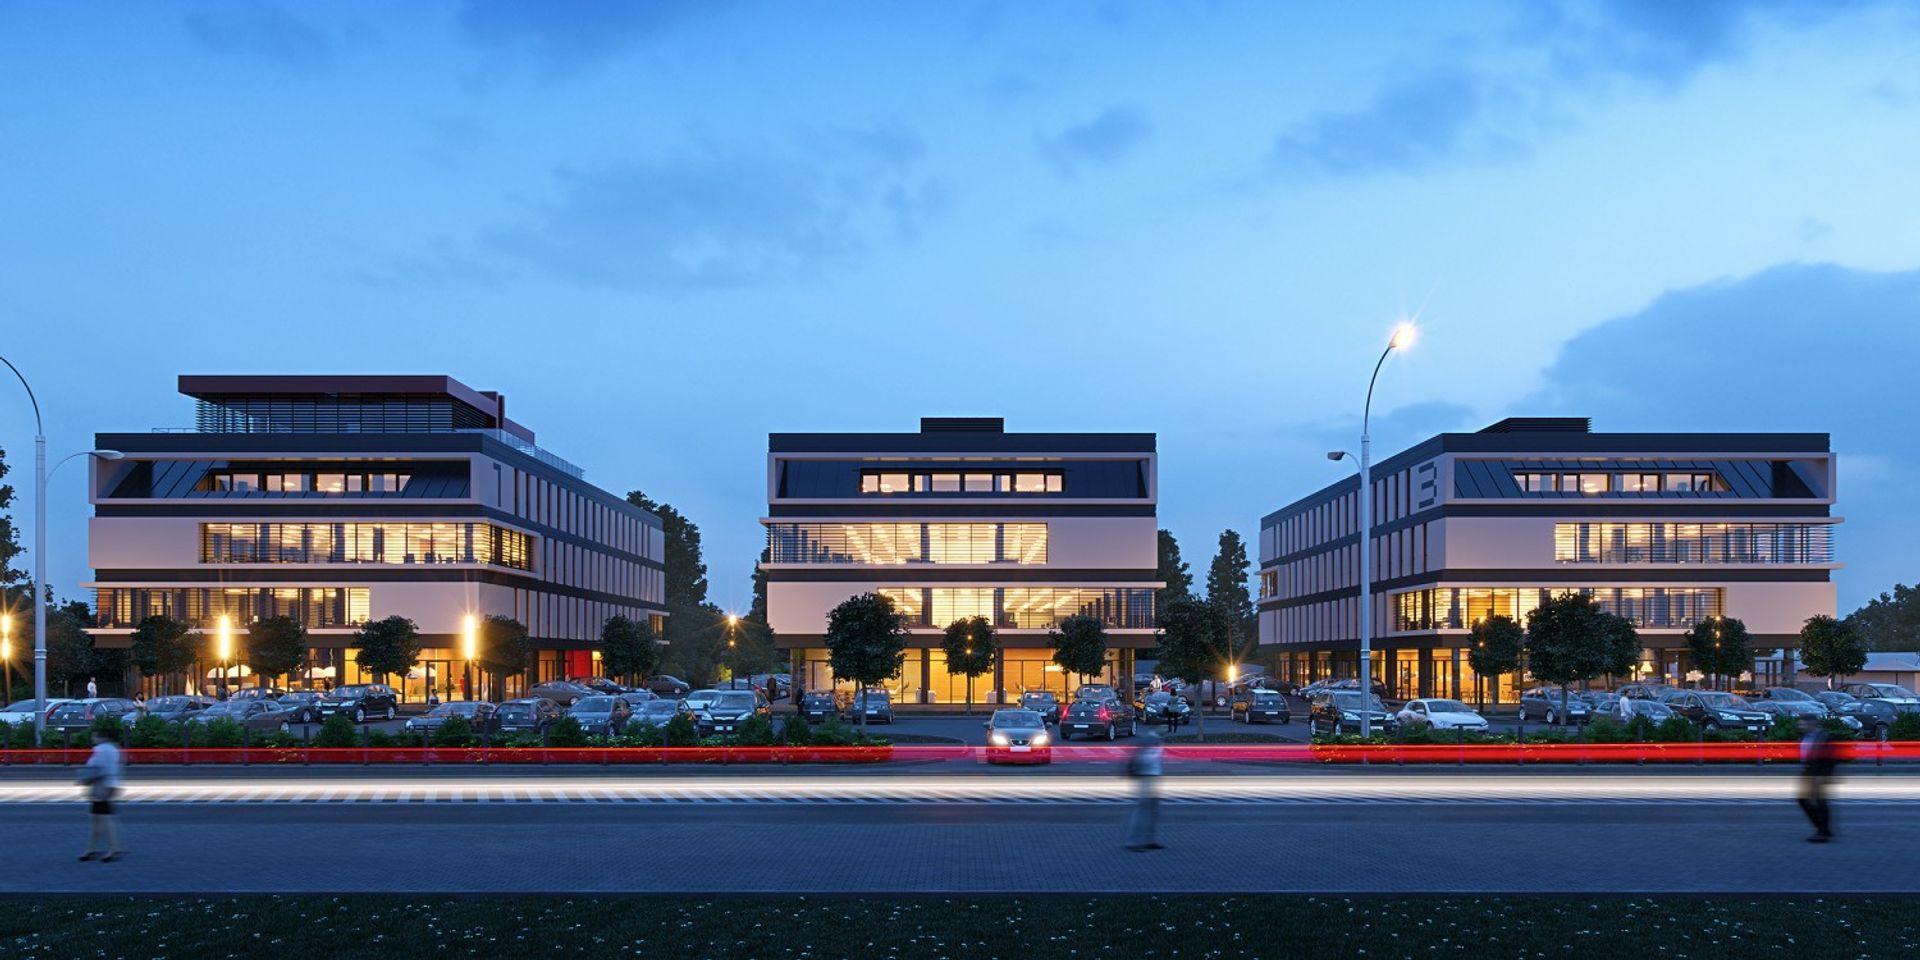 [Wrocław] Nowy kompleks biurowy rośnie przy Zwycięskiej. Tak będzie wyglądać Award Business Park [WIZUALIZACJE]